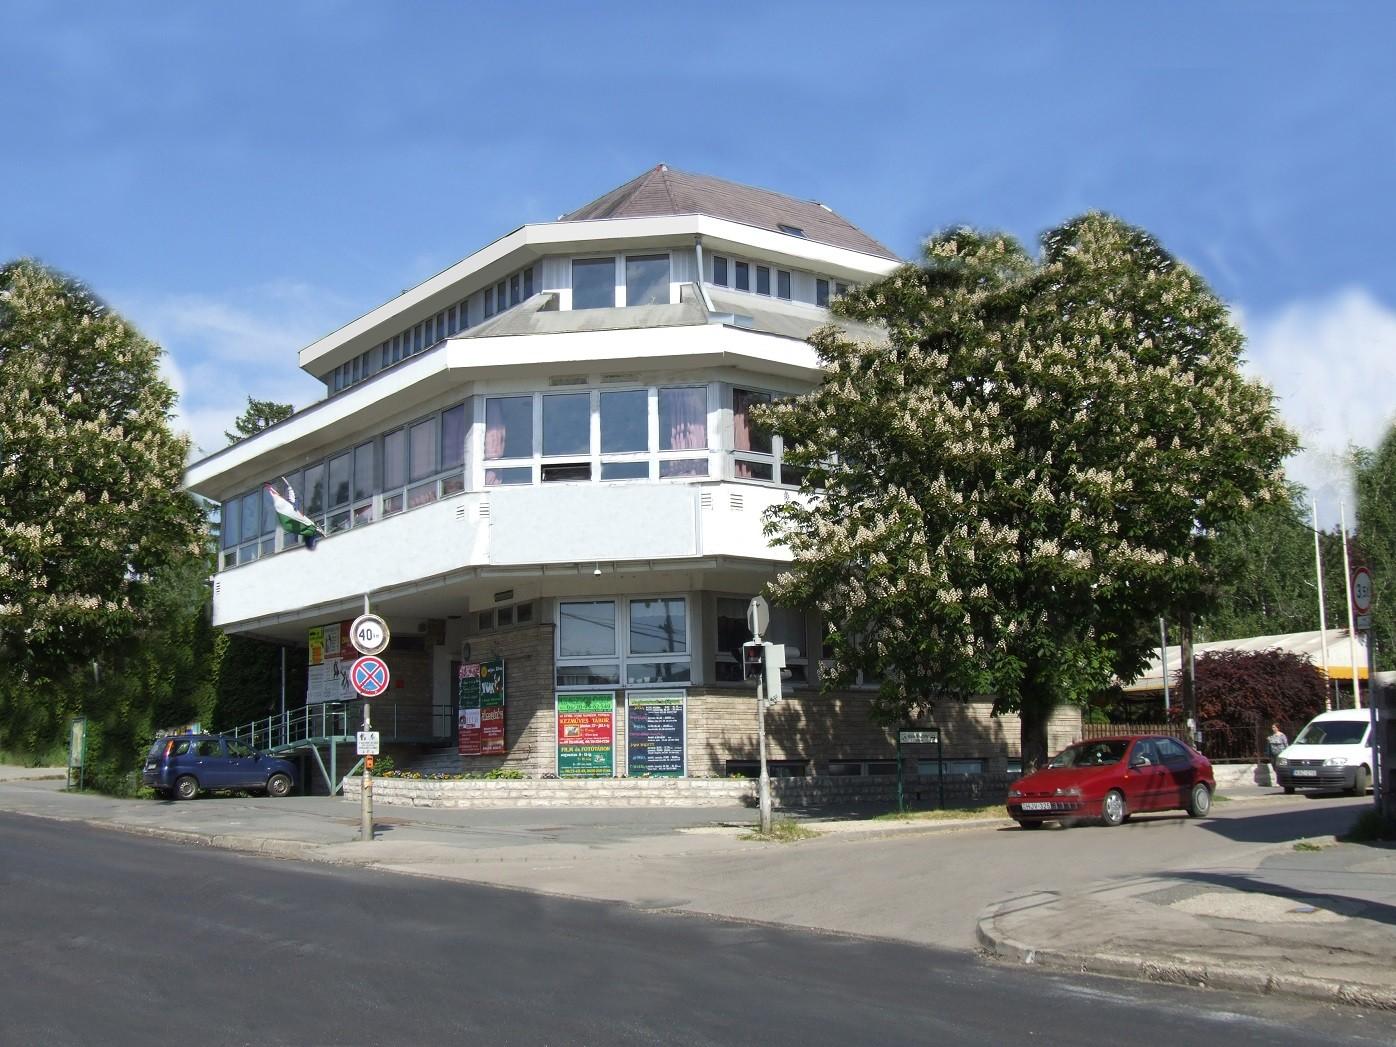 Beindulnak a fejlesztések Budakeszin, a városközpont is átalakul